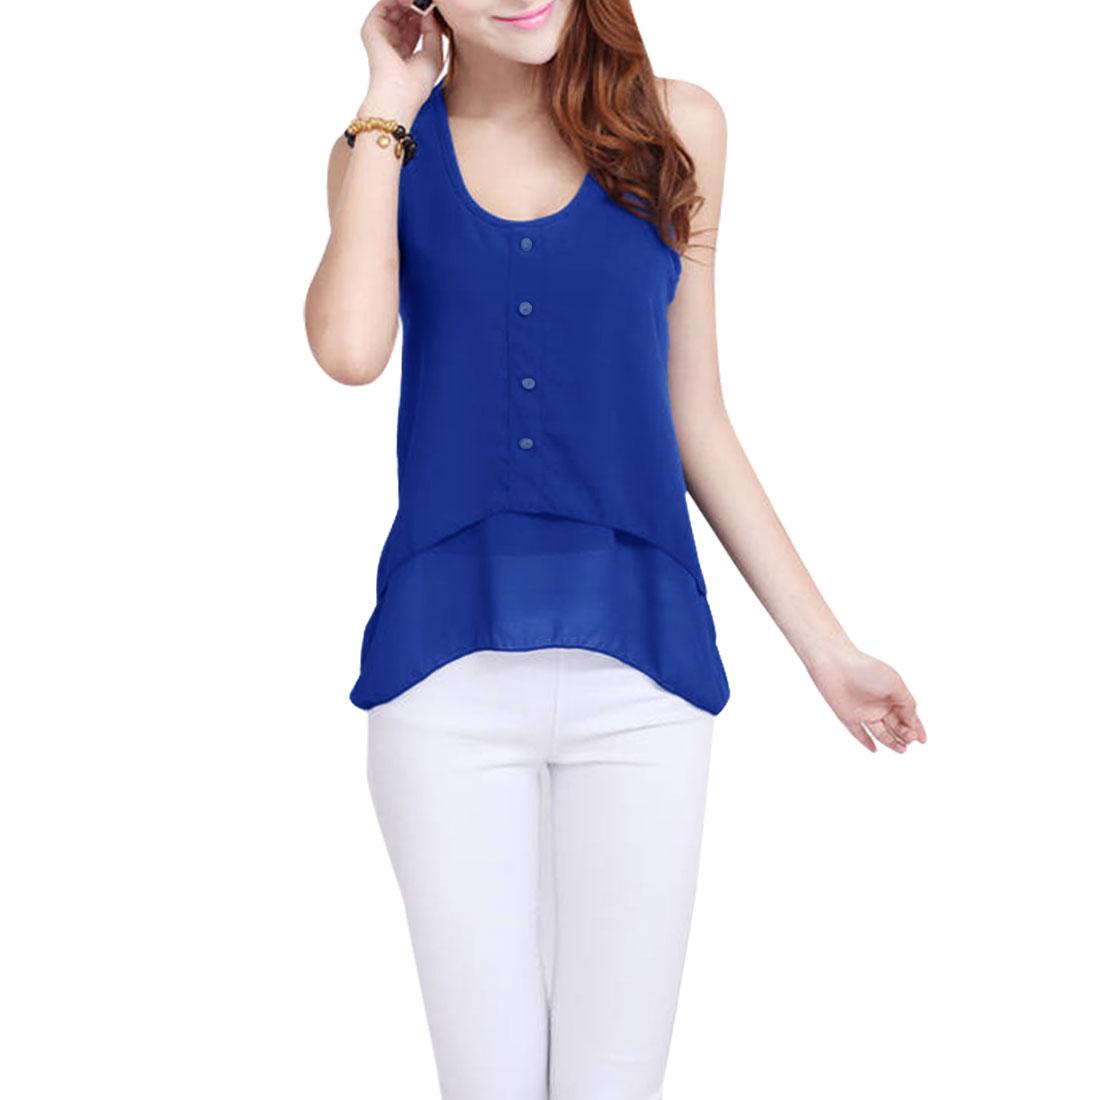 Lady Sleeveless Button Up Front Chiffon Royal Blue Tank Shirt XS